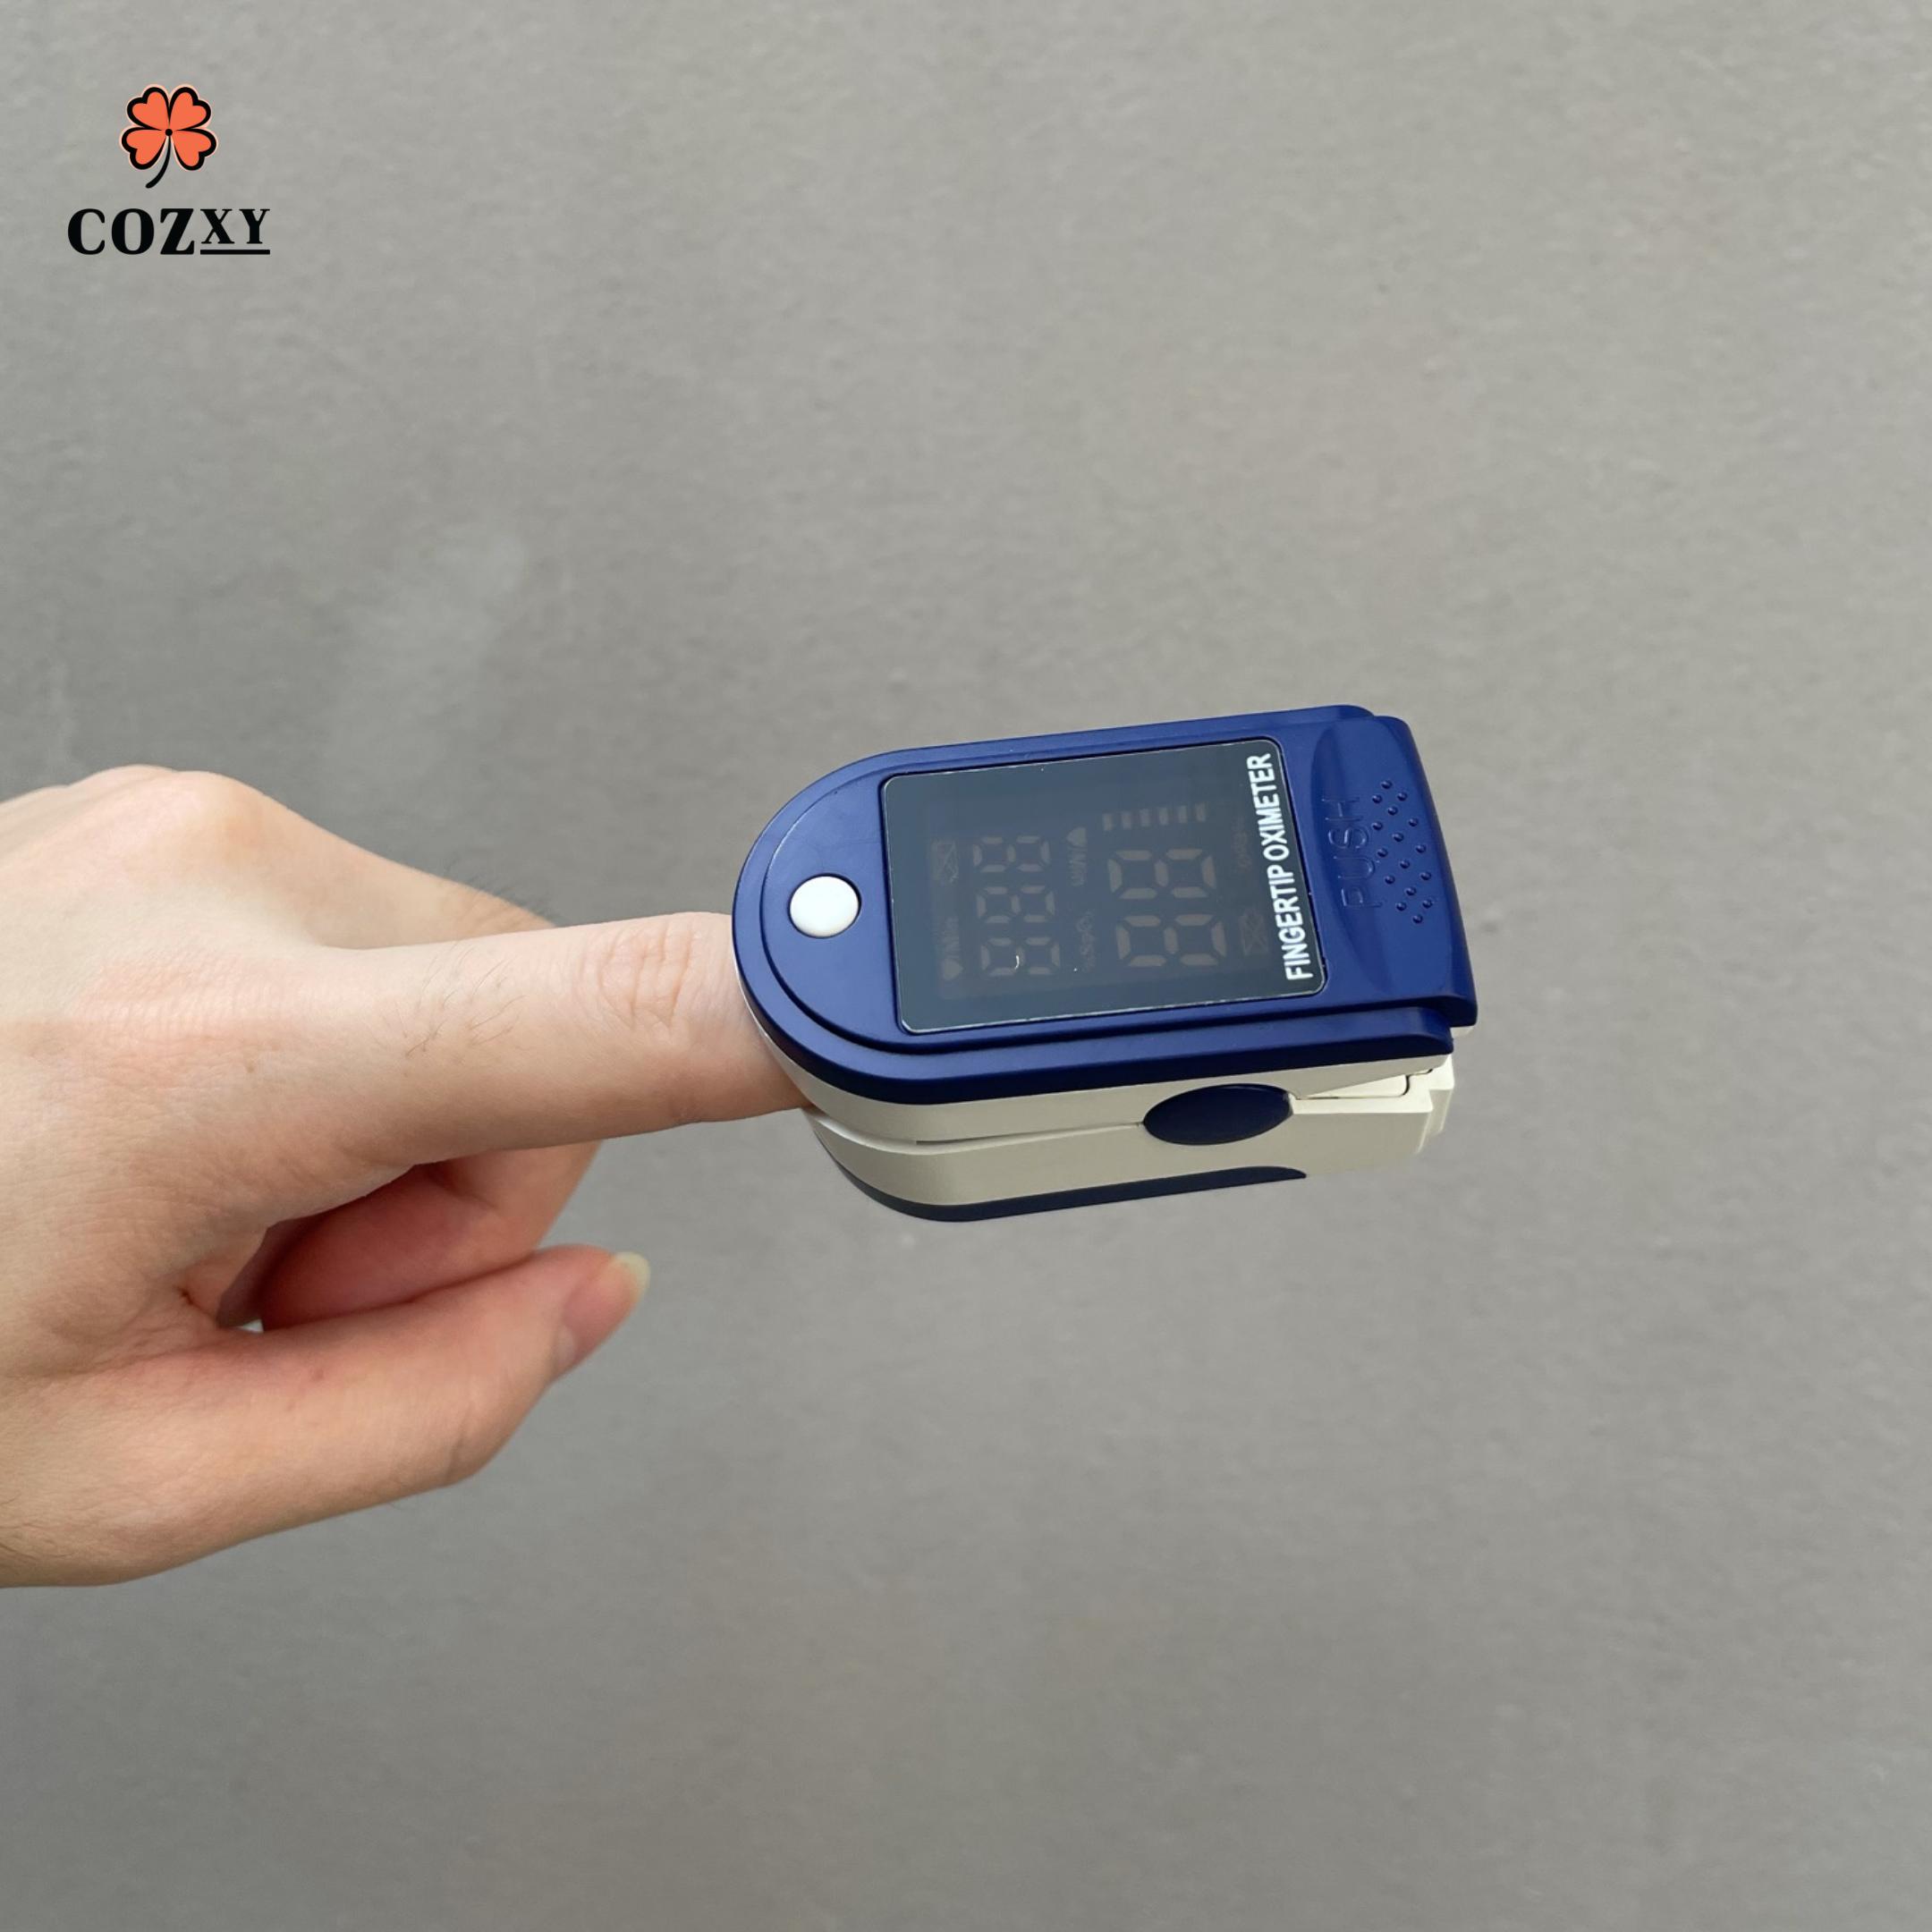 Oximeter เครื่องวัดออกซิเจนปลายนิ้ว